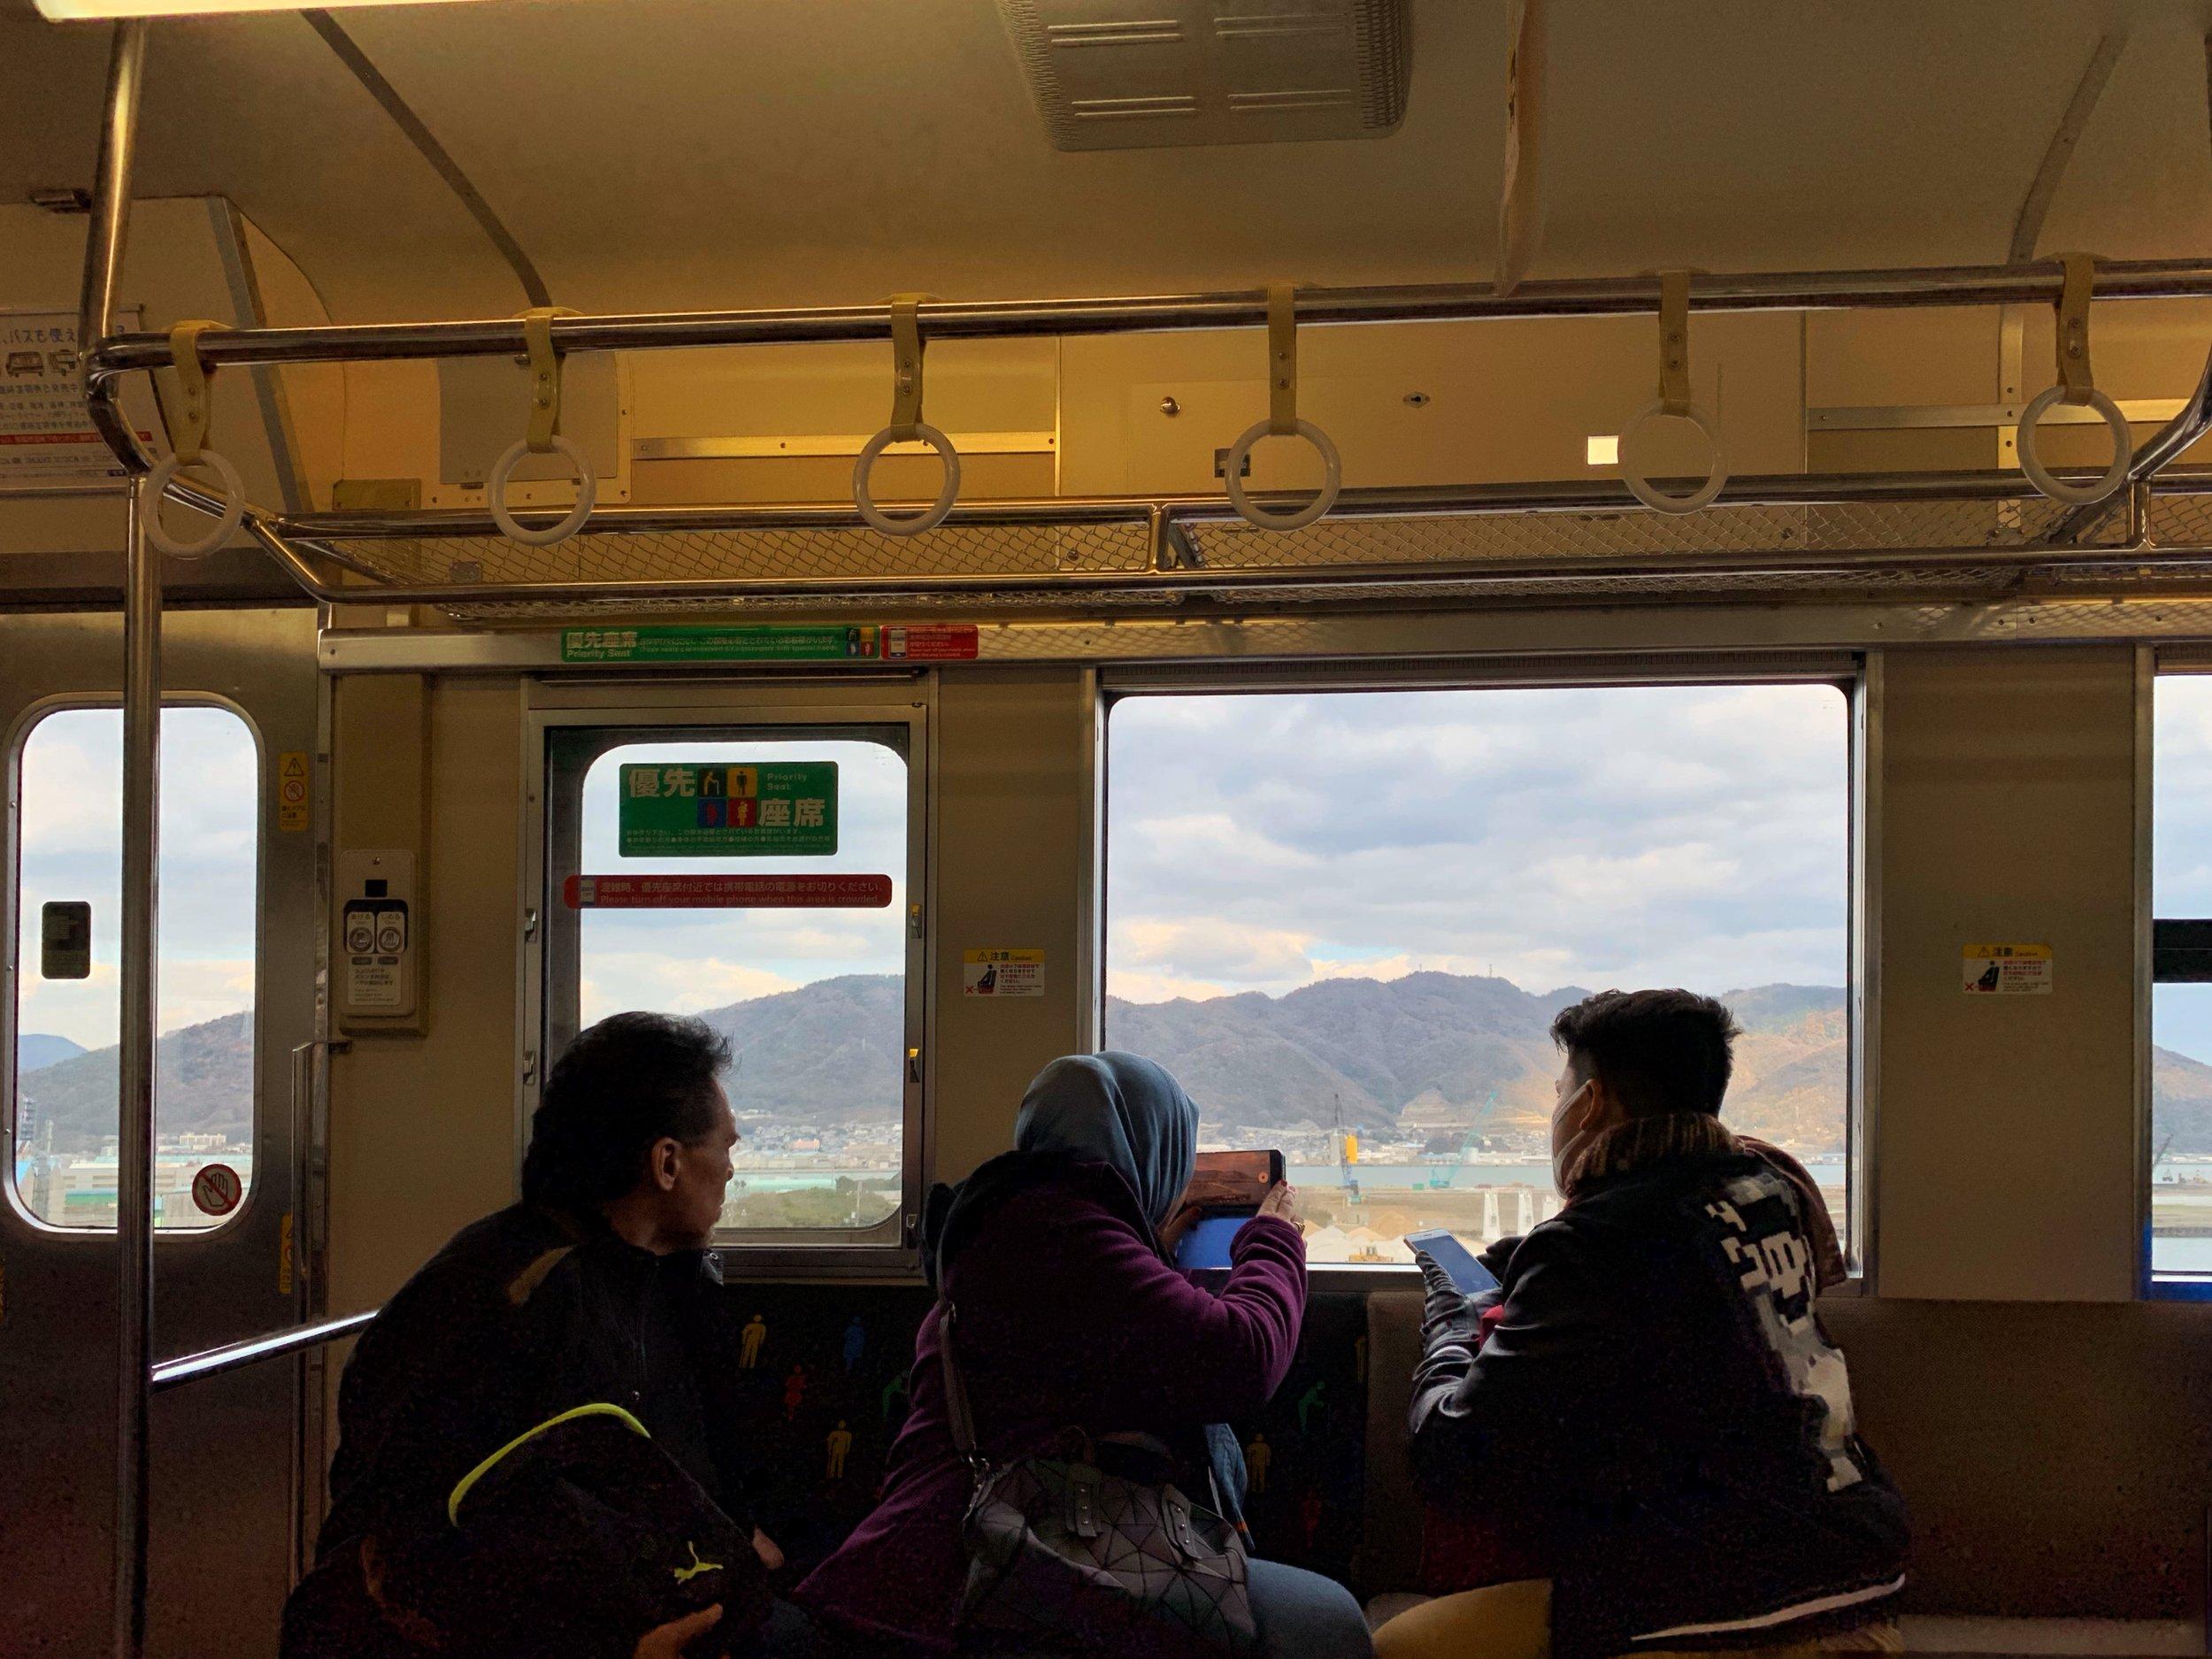 okunoshima hiroshima japan rabbit island